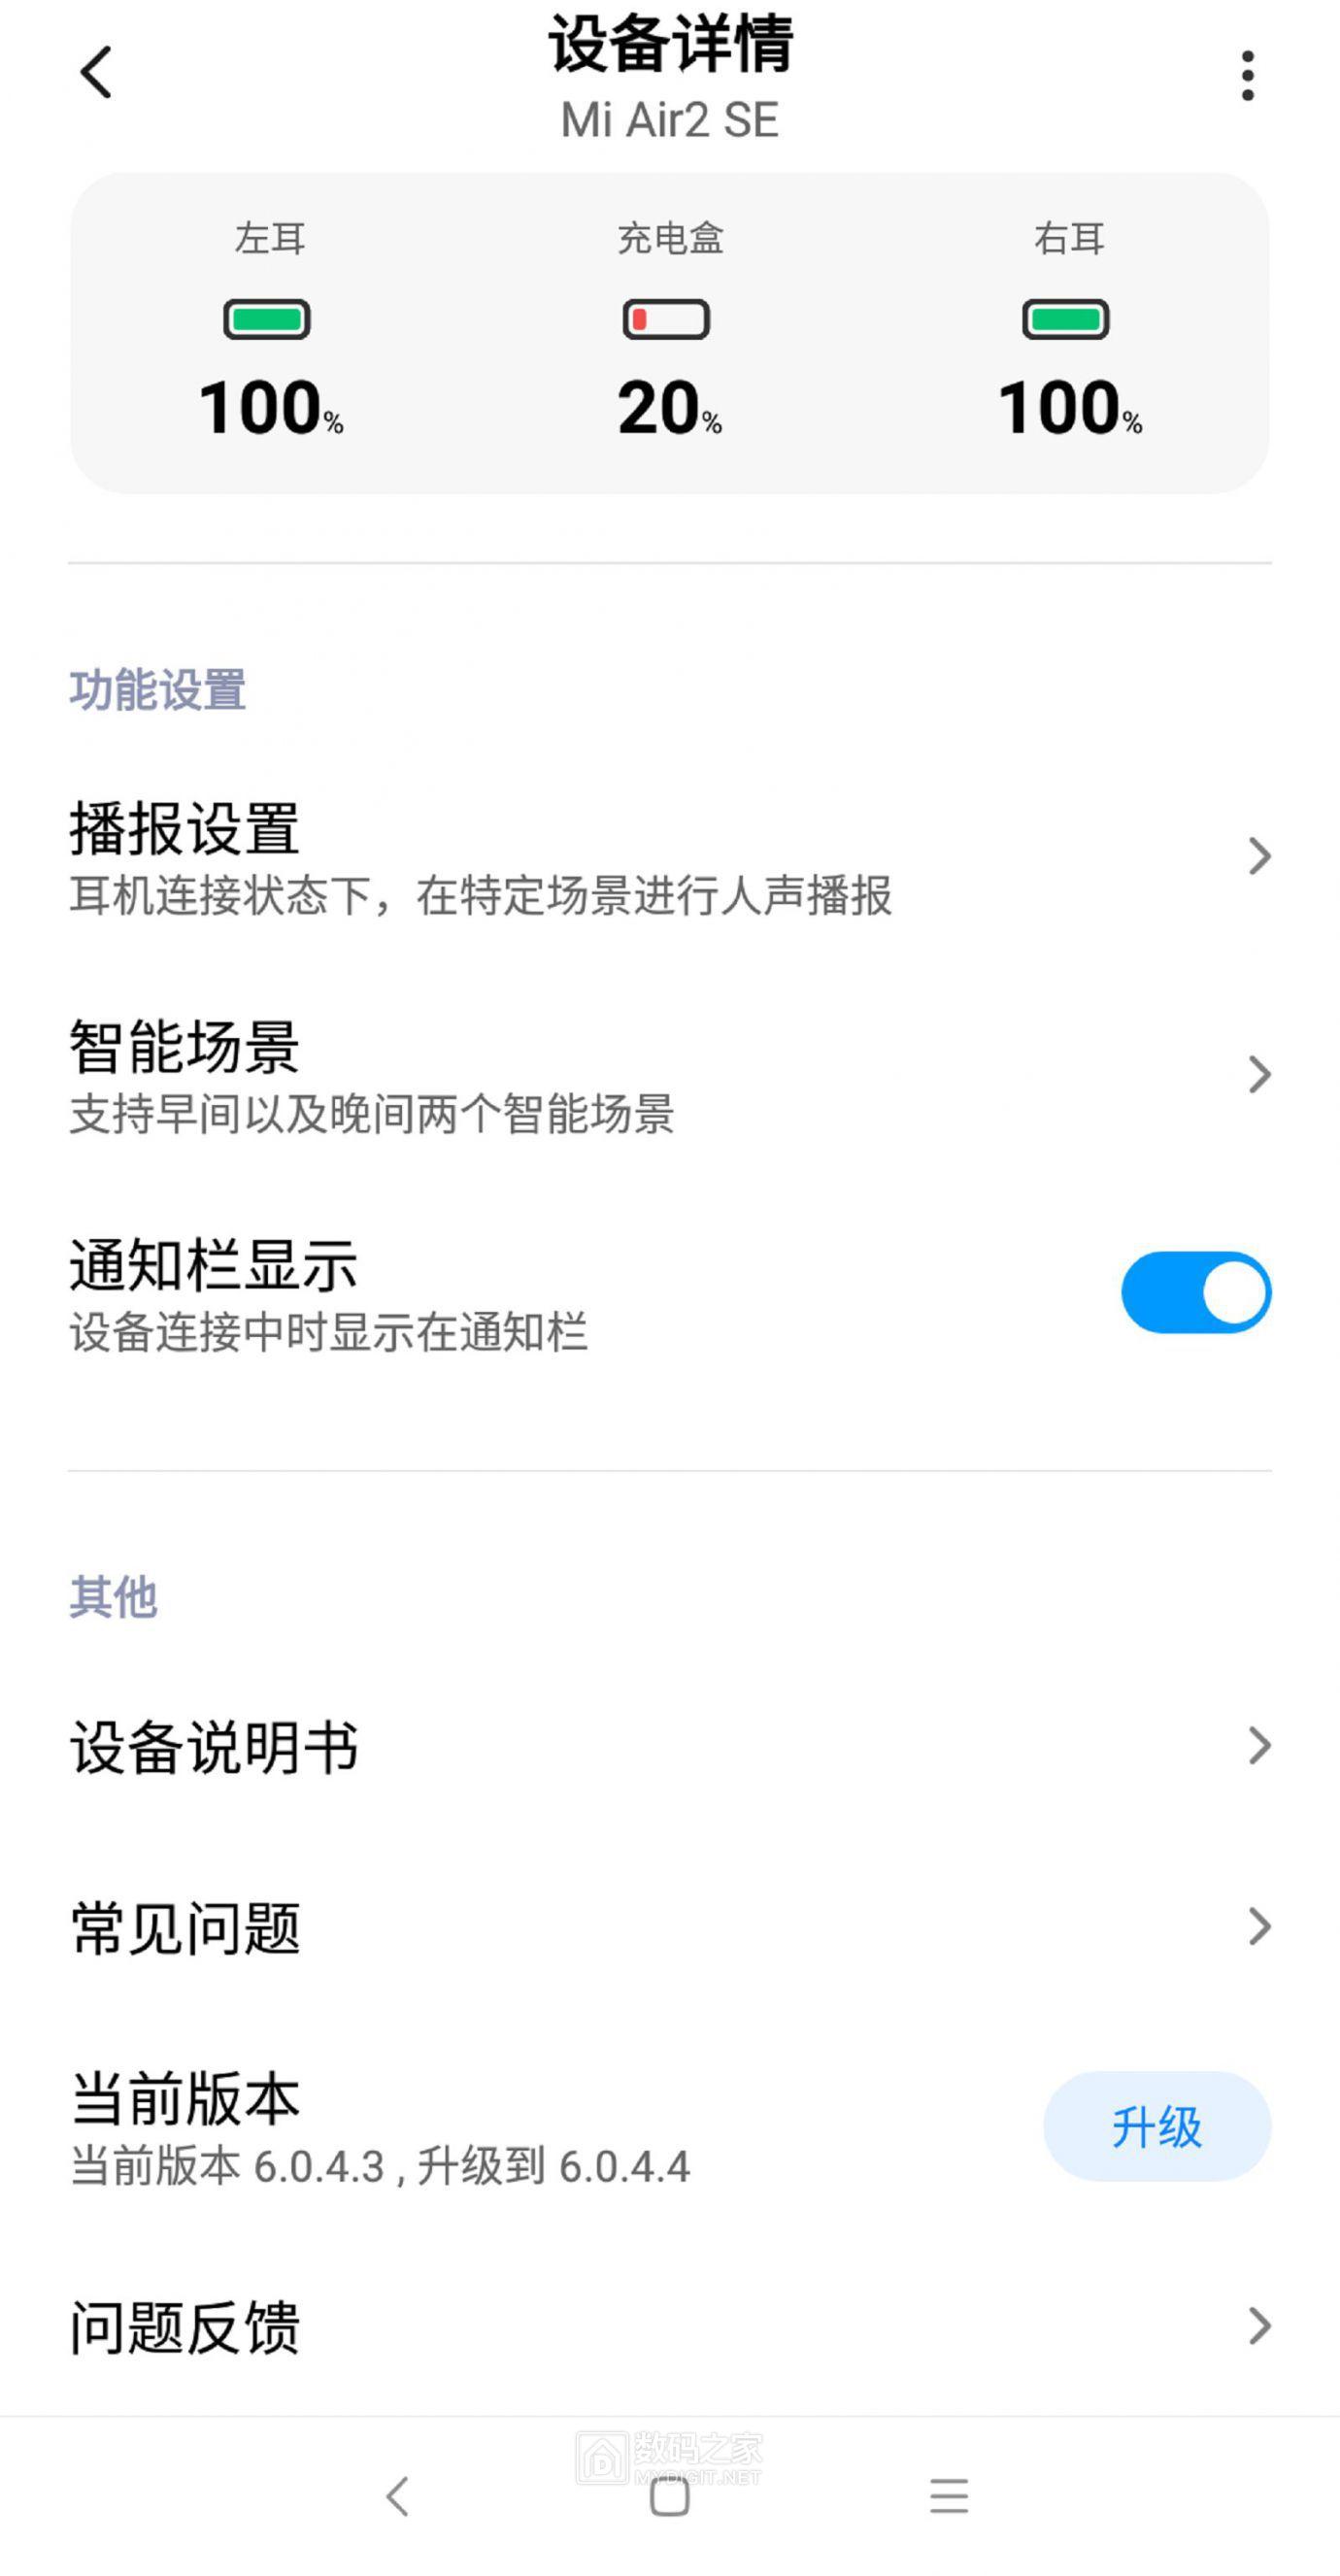 Screenshot_2021-04-16-19-37-32-094_com.xiaomi.xiaoailite.jpg